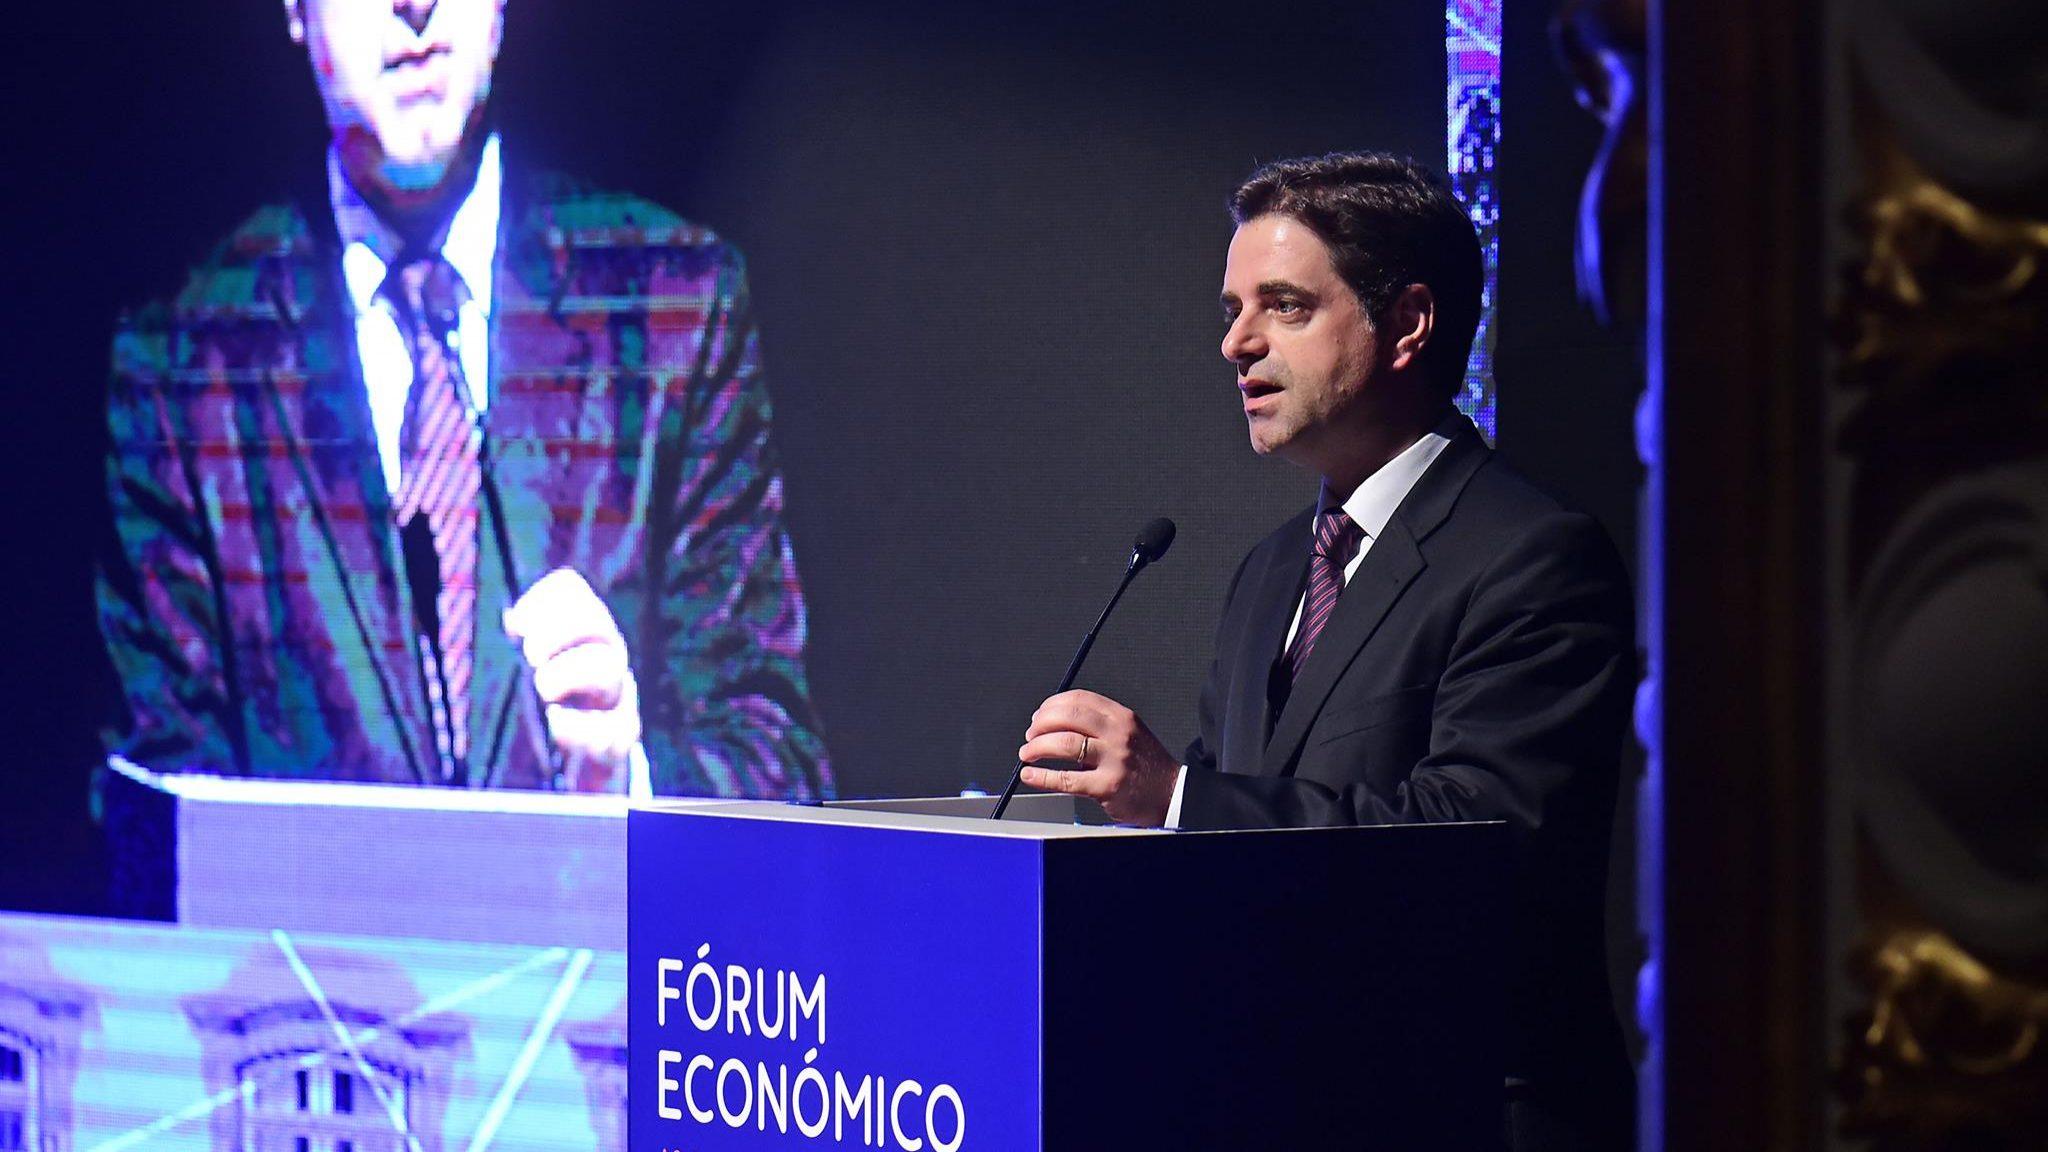 Braga: Quatro pilares fundamentais para crescer